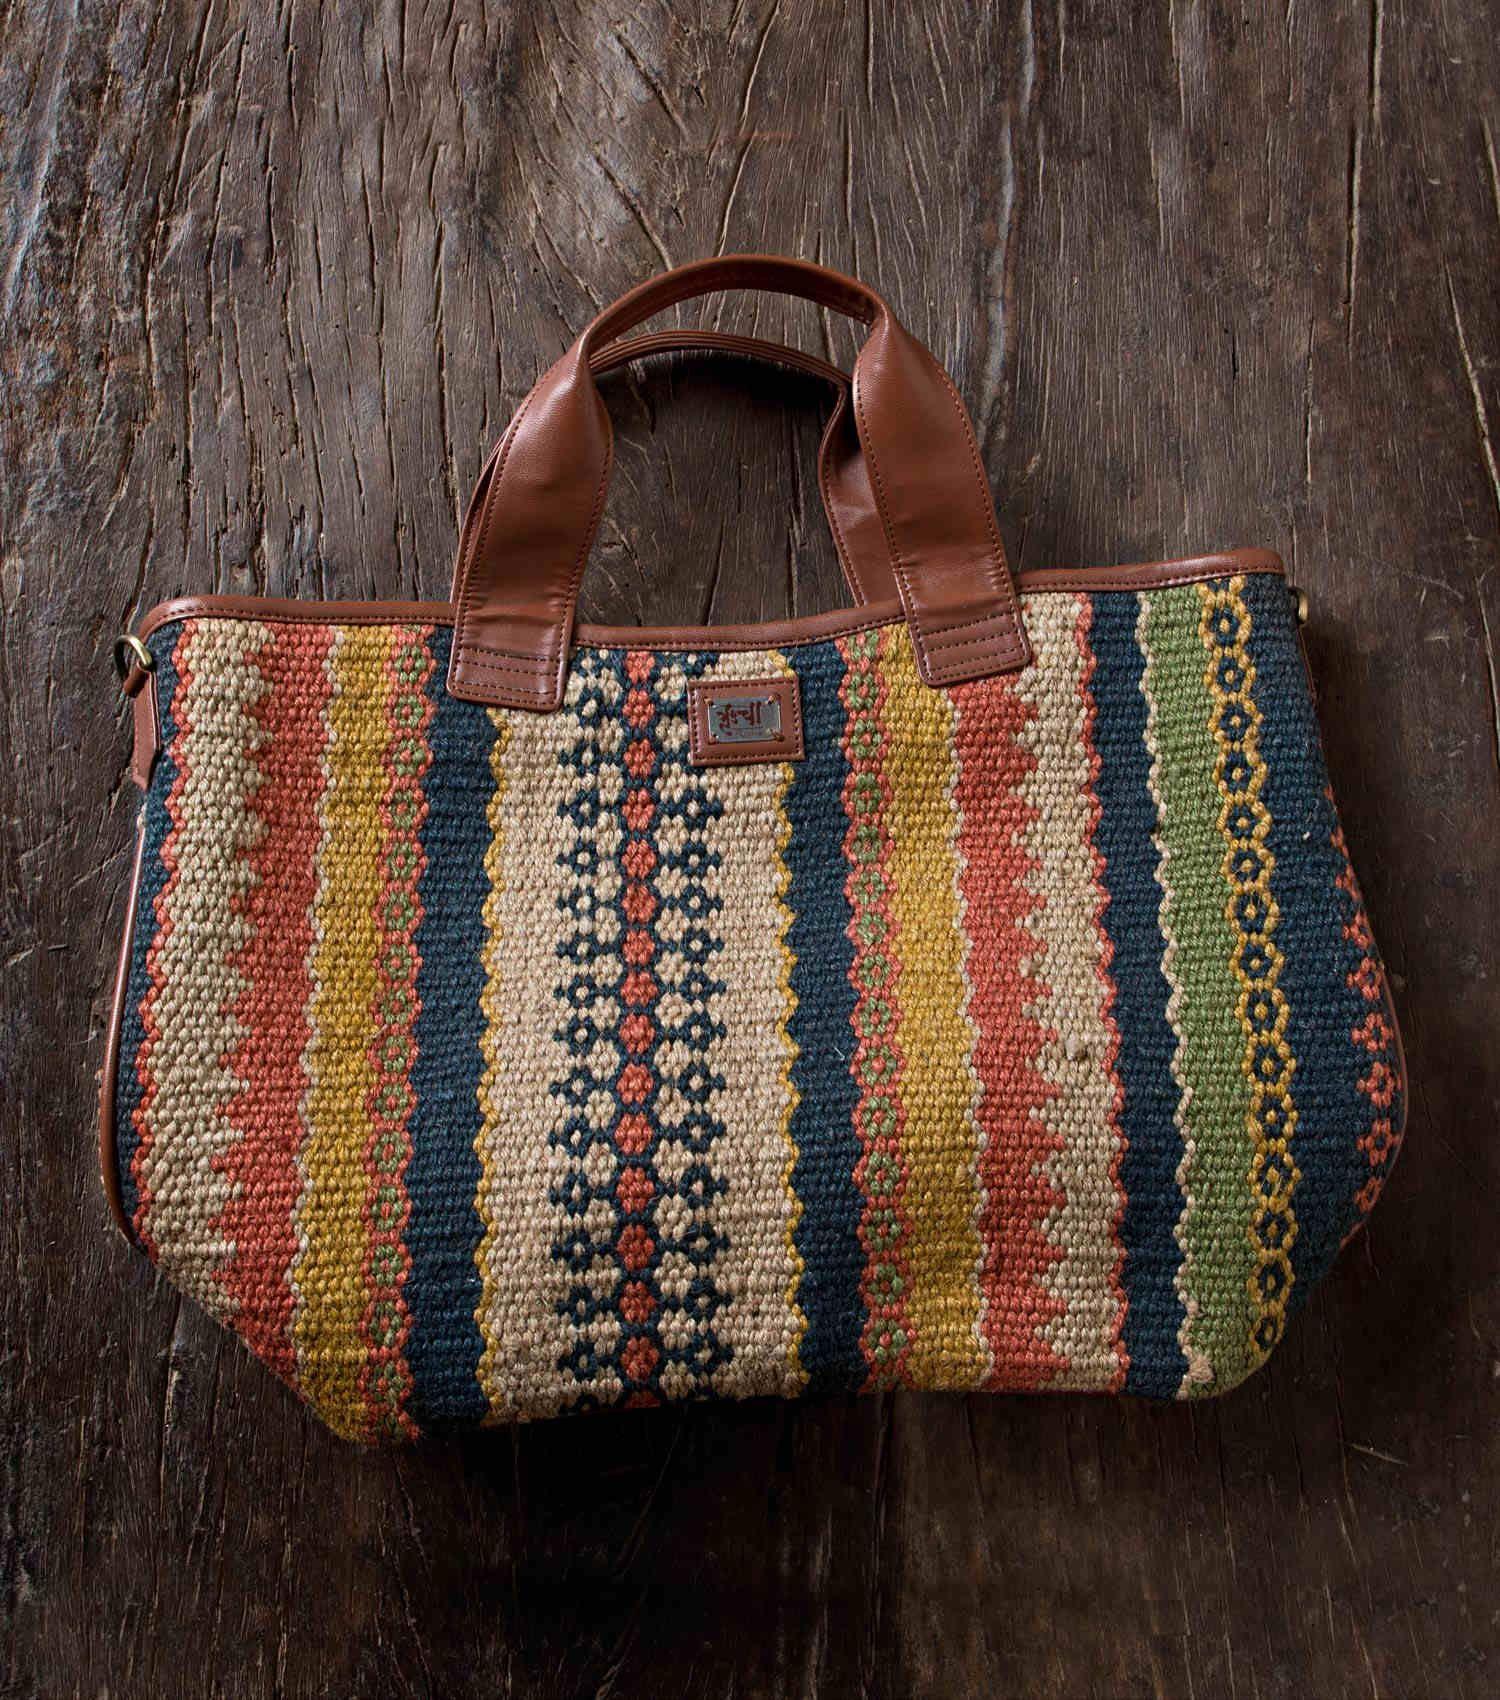 ace3ed4fa Amia Tote Bag Wool Jute Kilim and faux leather tote bag Multi ...